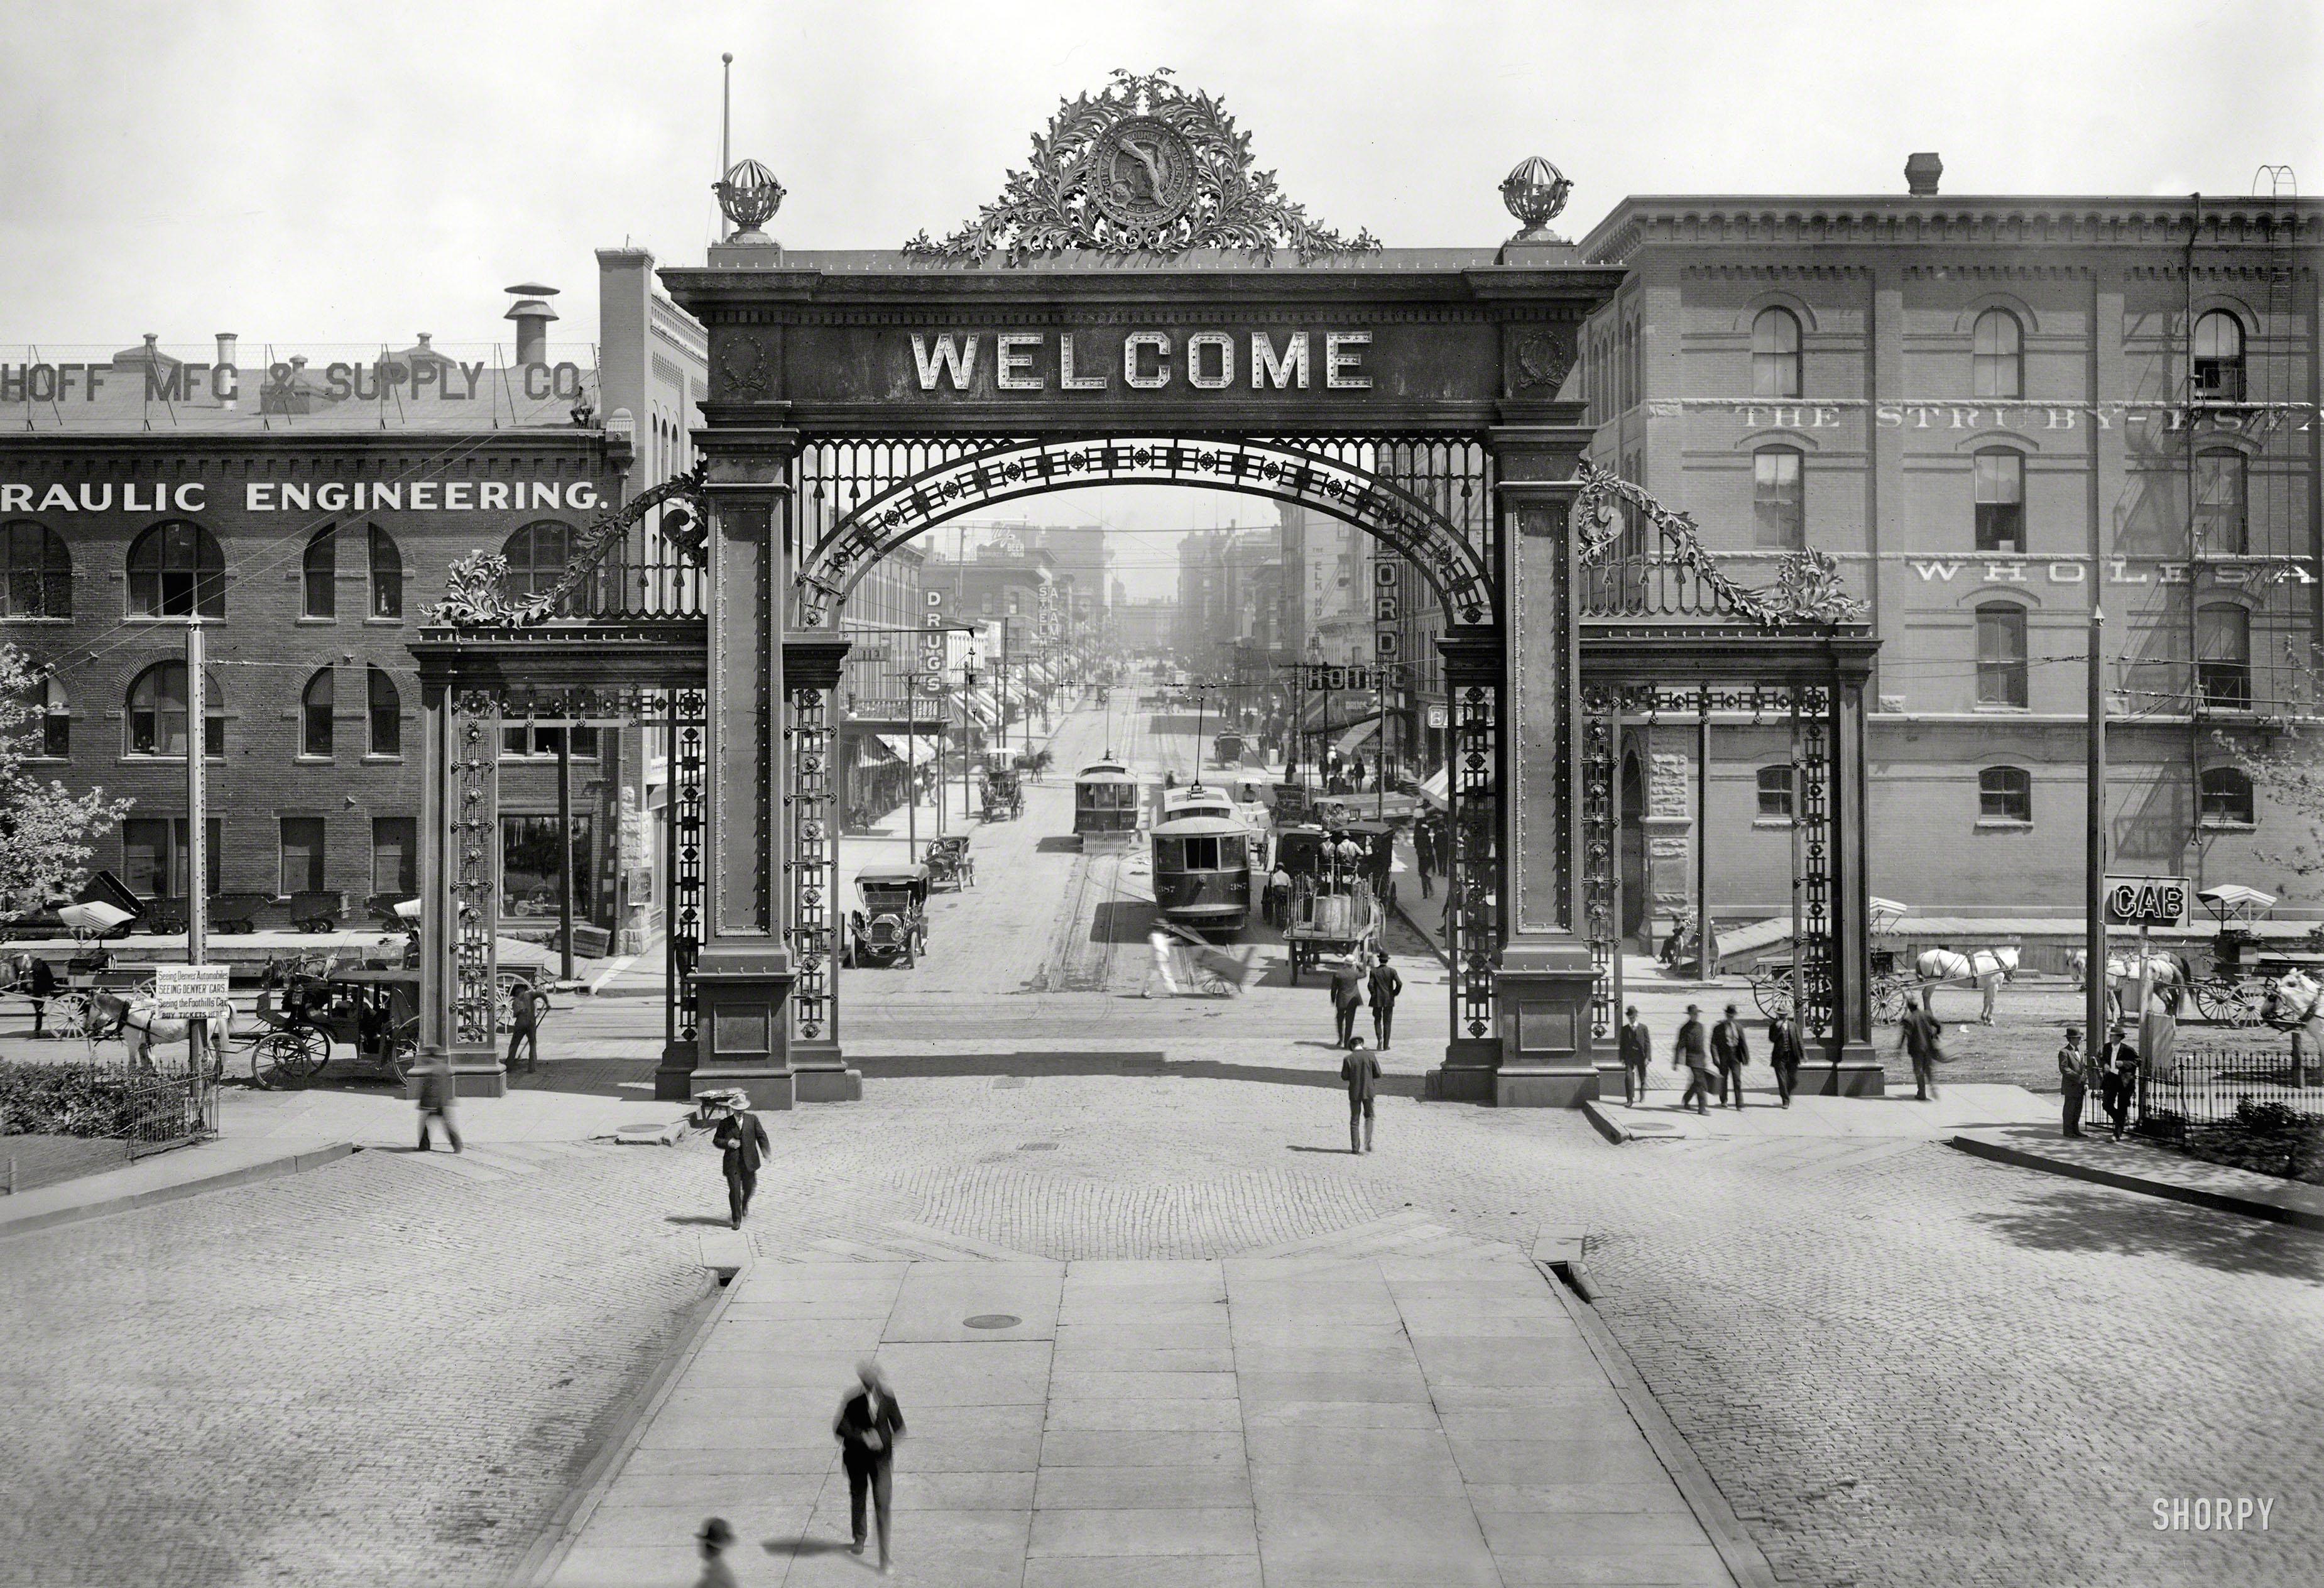 17th-Welcom Arch